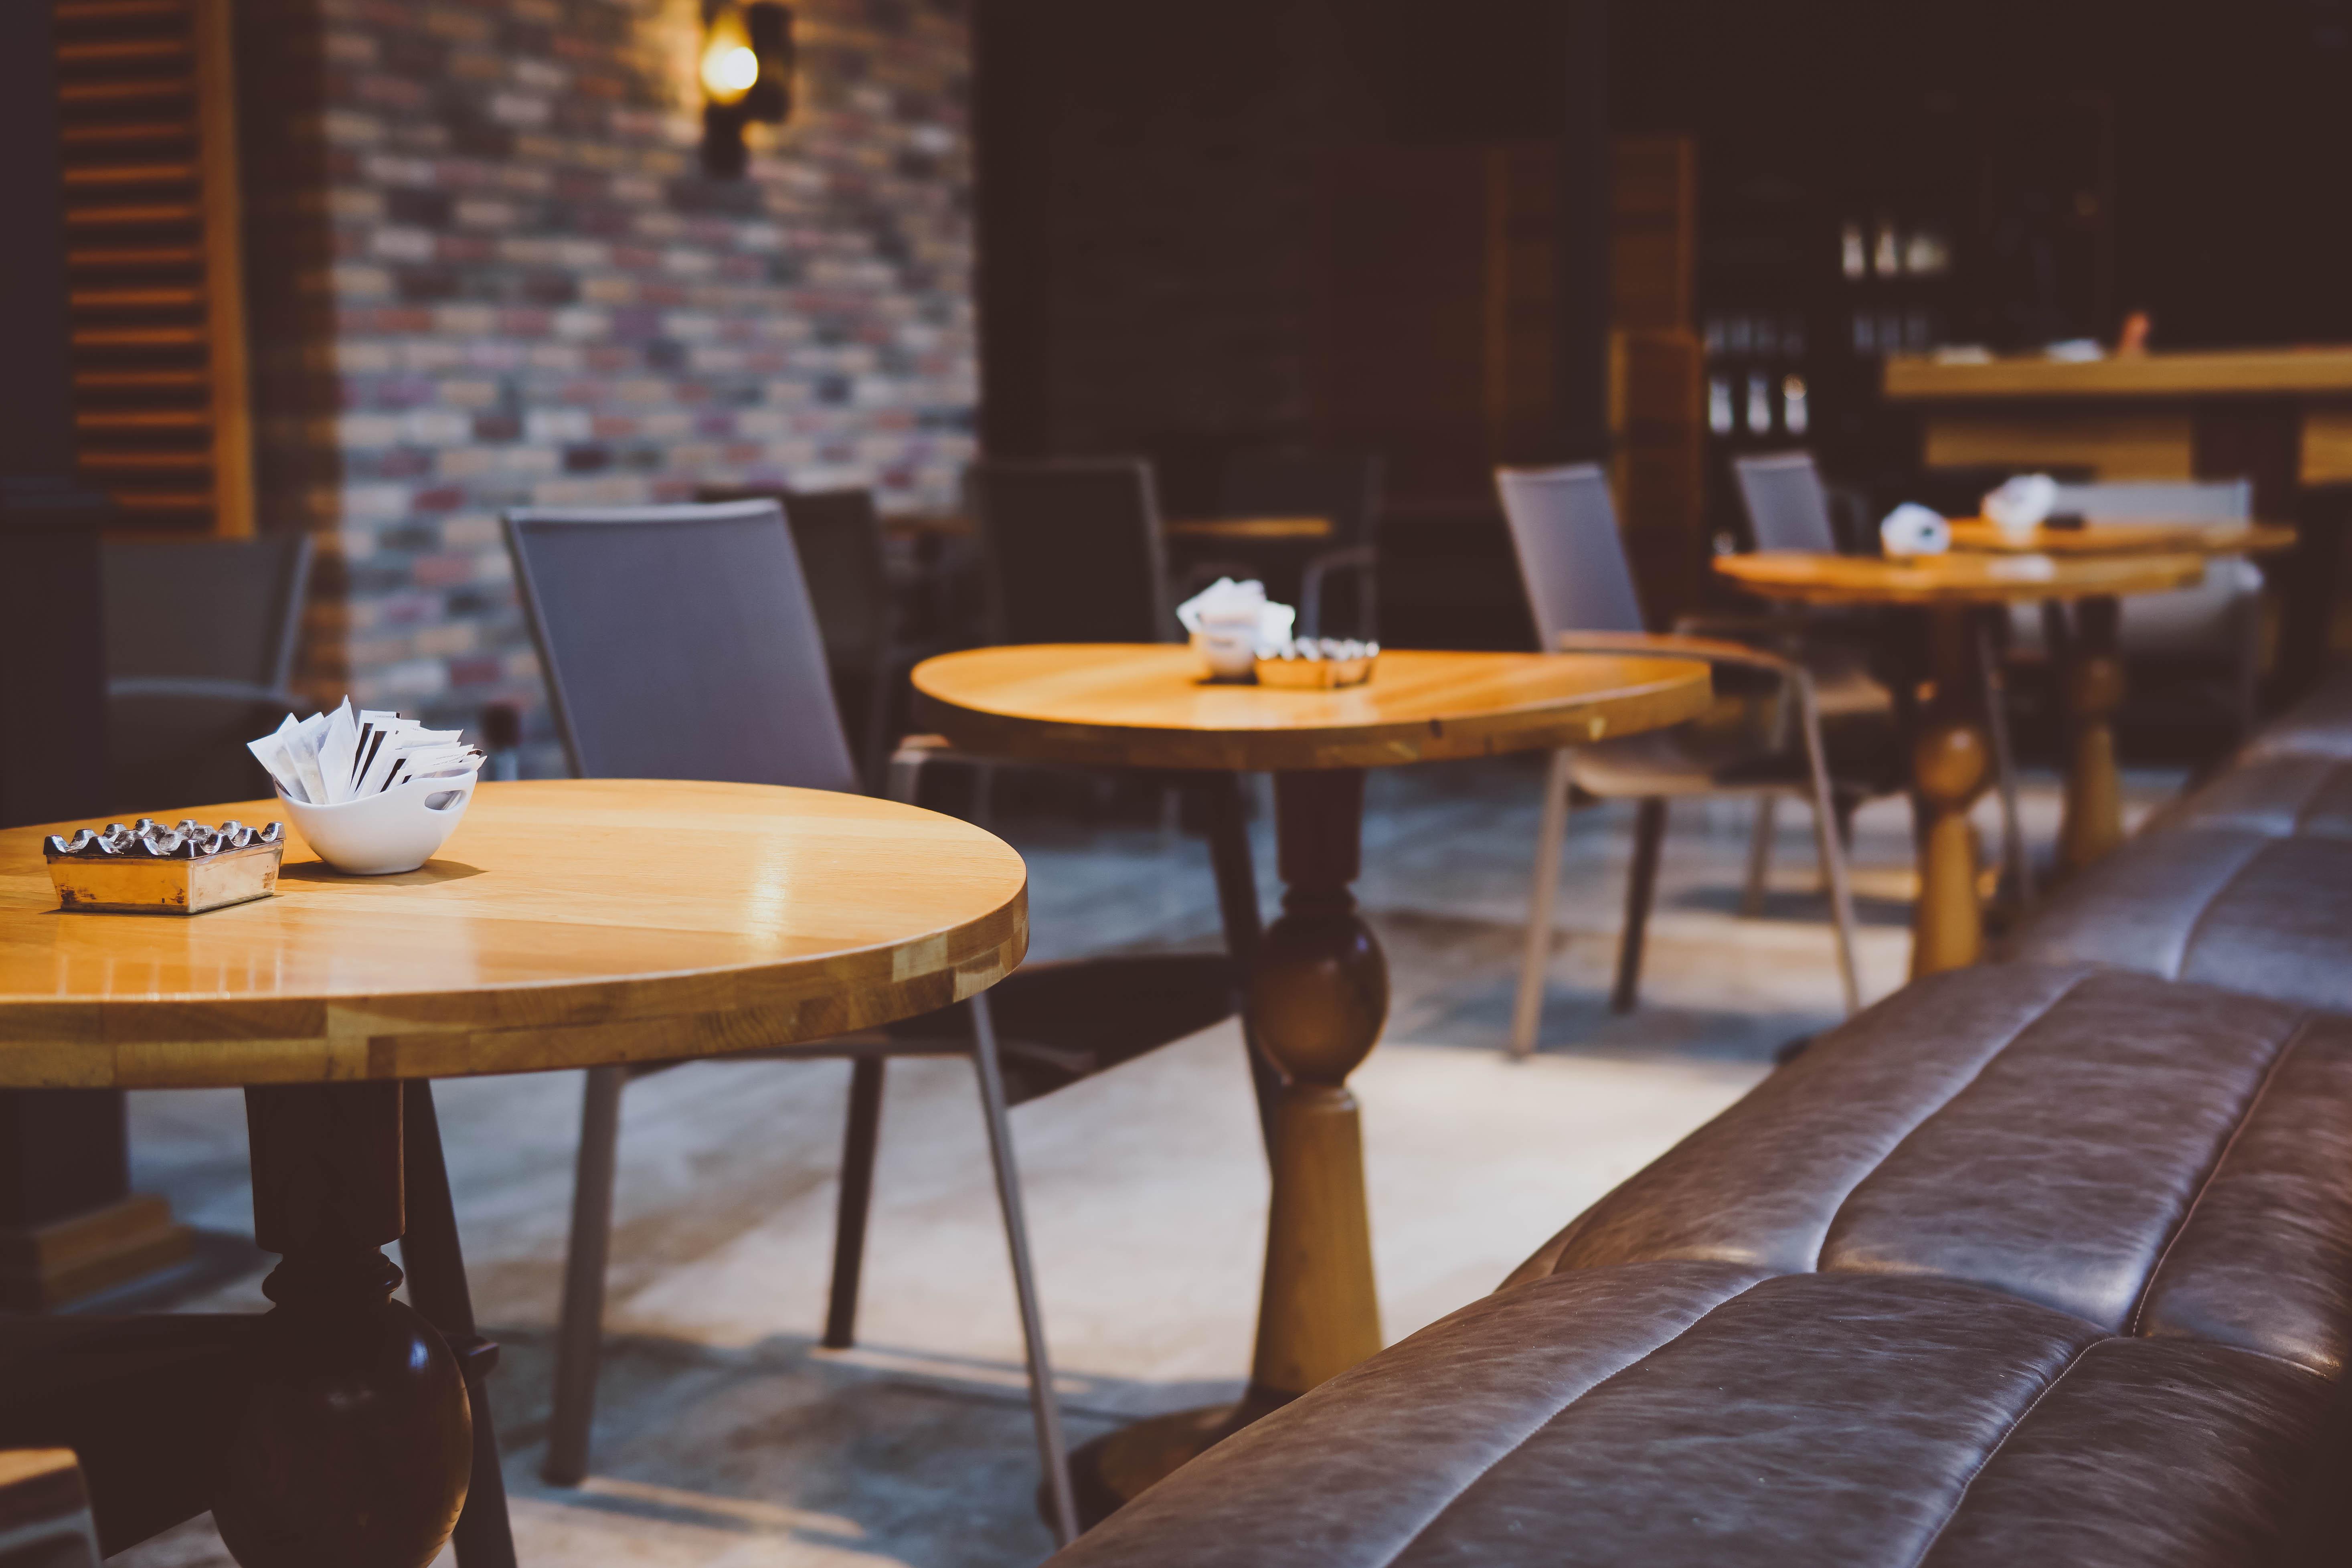 Selbständig machen mit einem eigenen Café | Unternehmensberatung ...